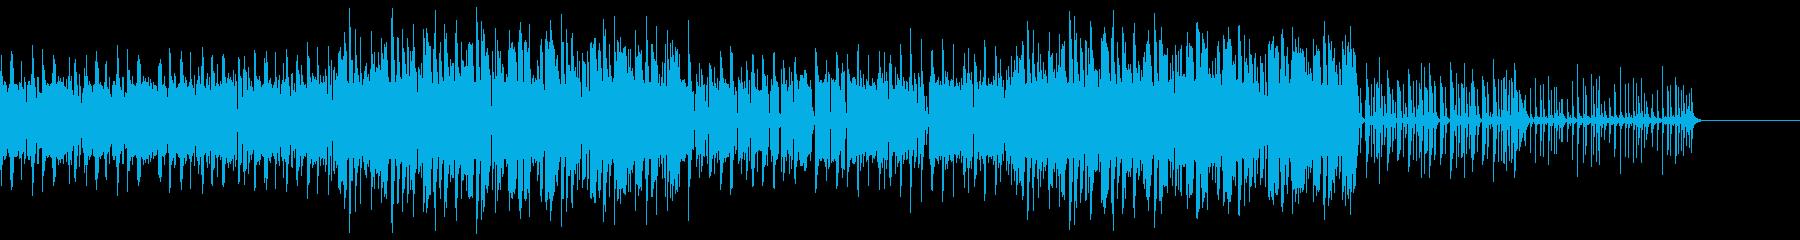 エレキギターでグルーヴのあるBGMの再生済みの波形